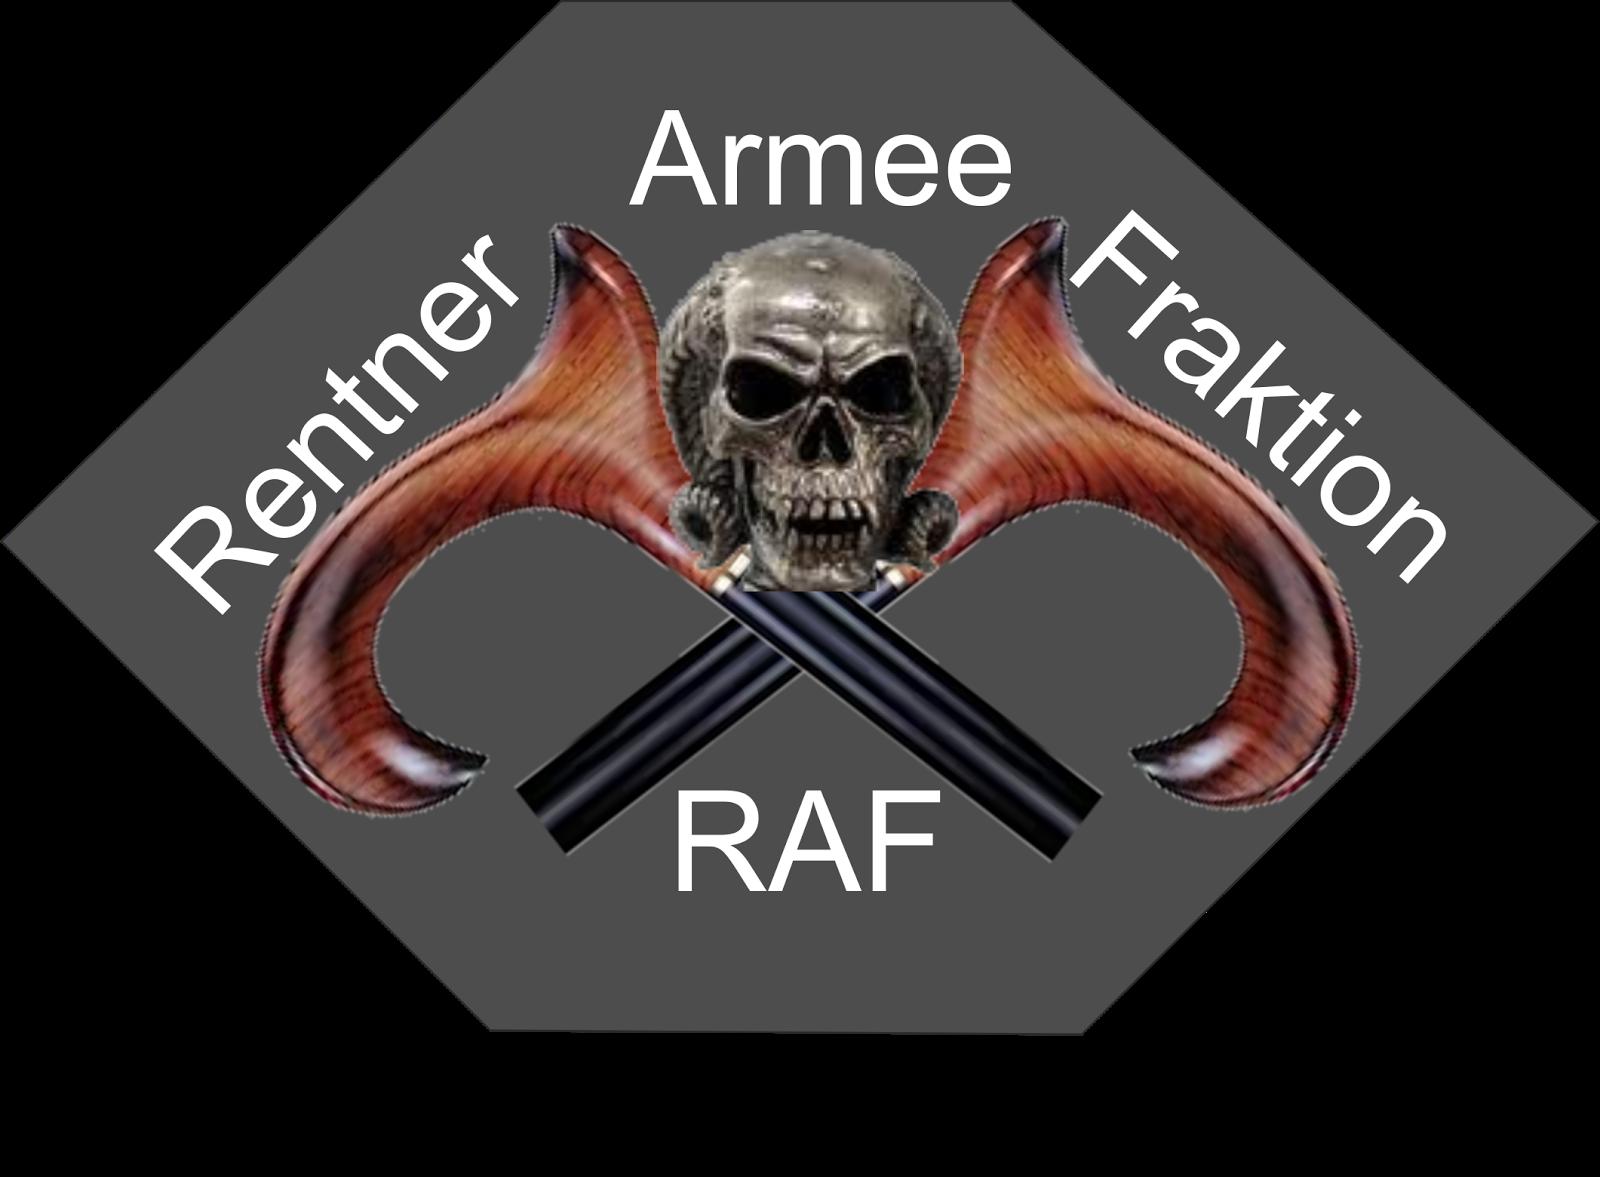 rafjfkz1.png